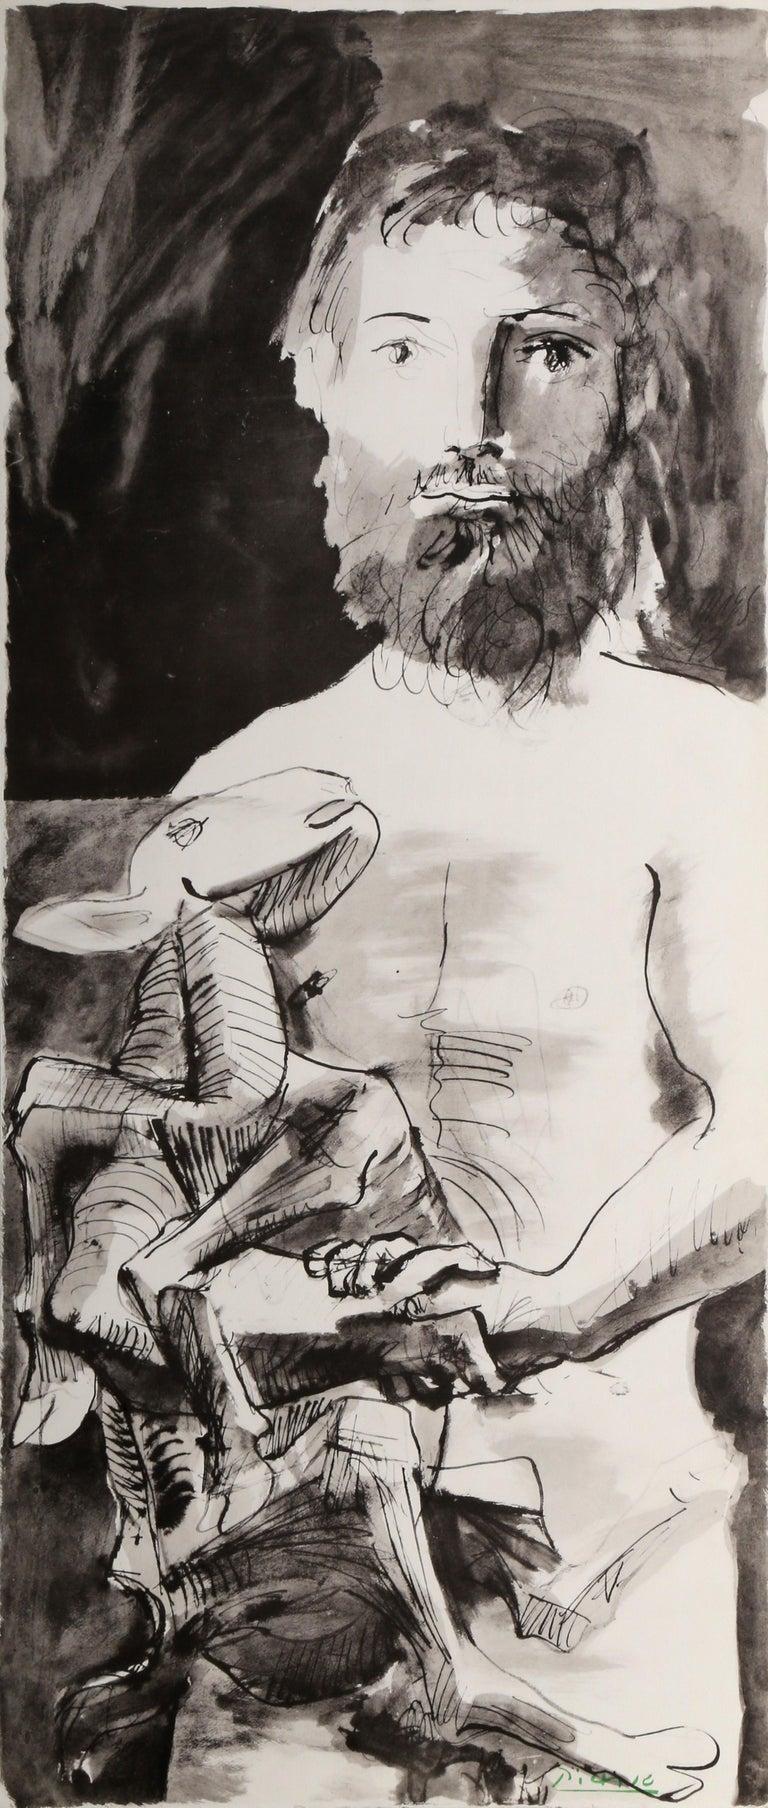 Pablo Picasso Animal Print - Etude pour l'Homme au Mouton